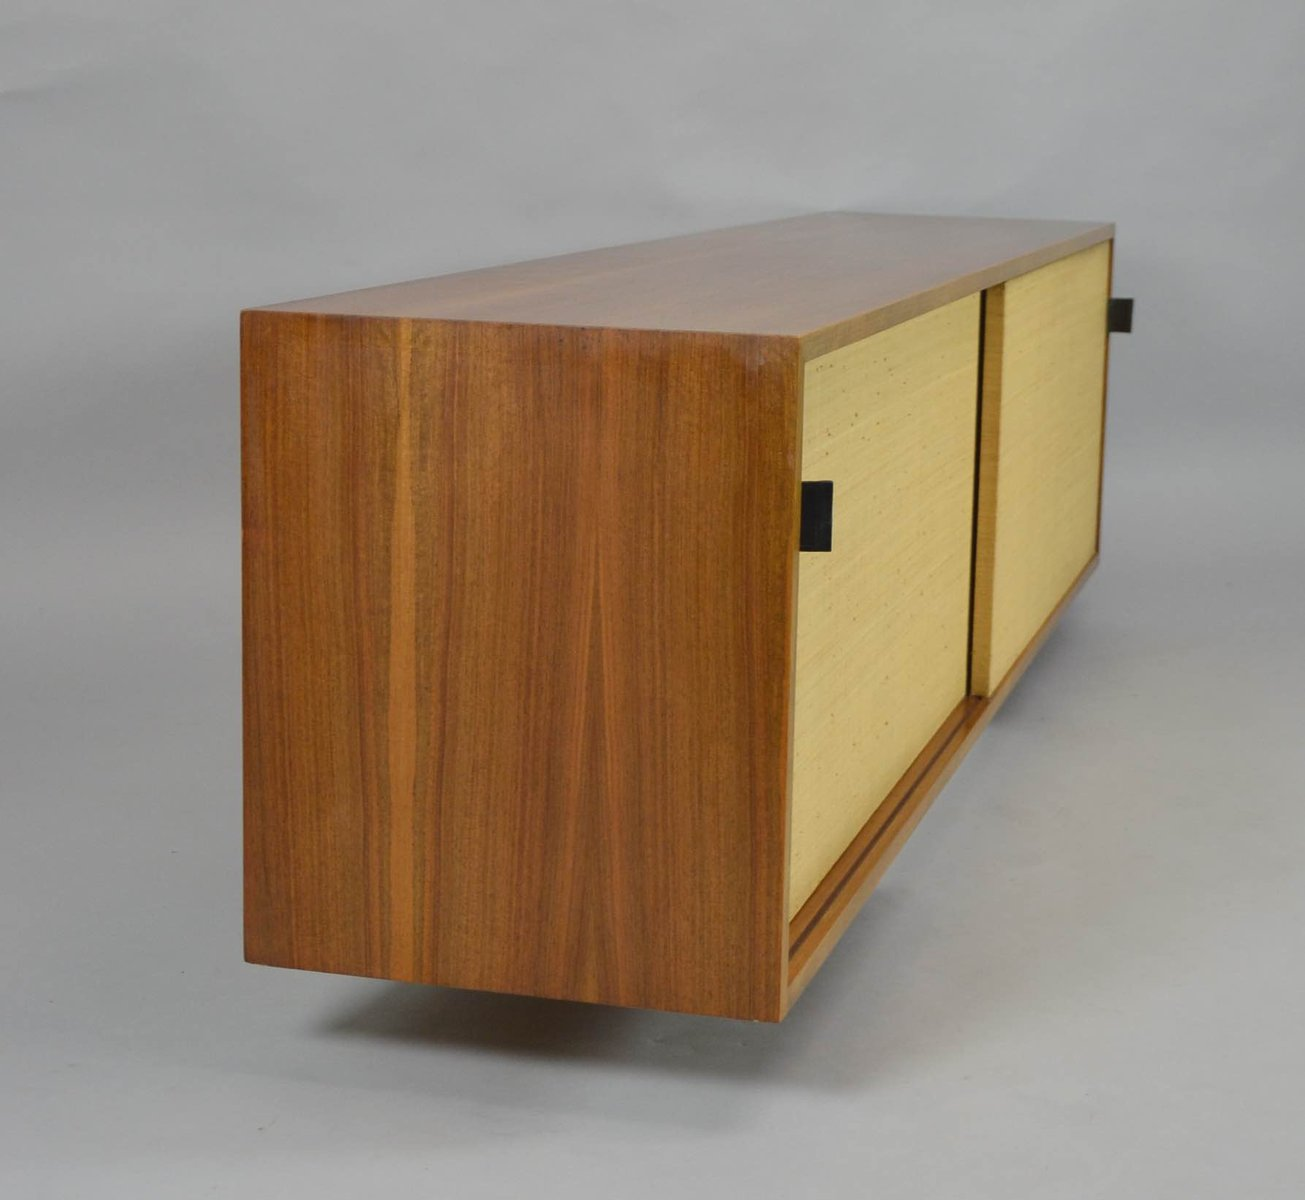 schwebender vintage schrank mit schiebet ren von florence knoll f r knoll bei pamono kaufen. Black Bedroom Furniture Sets. Home Design Ideas